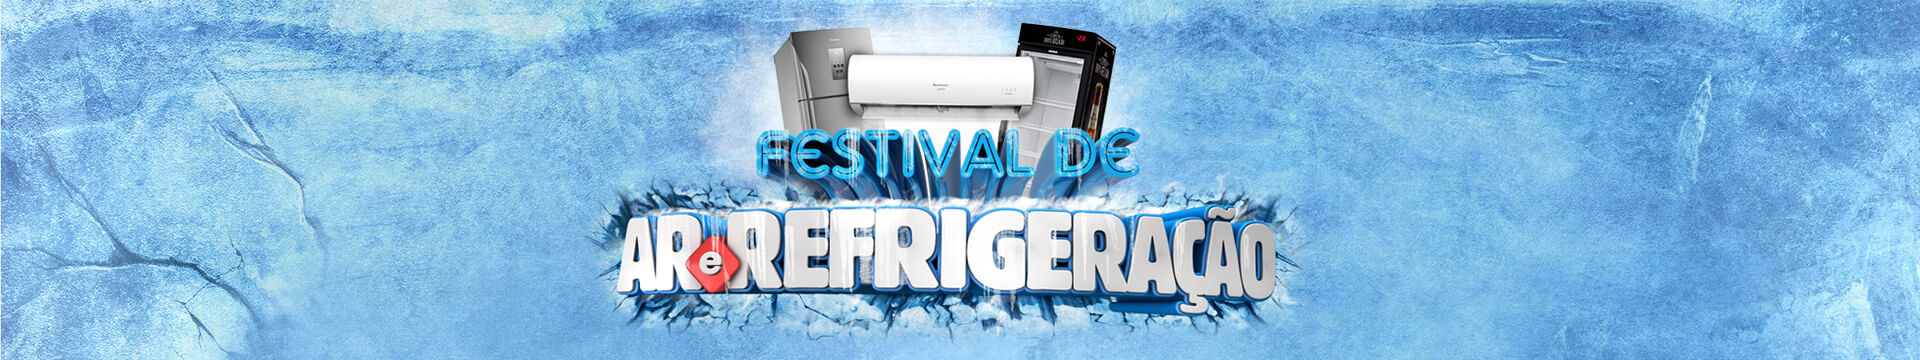 Festival de Ar e Refrigeração!